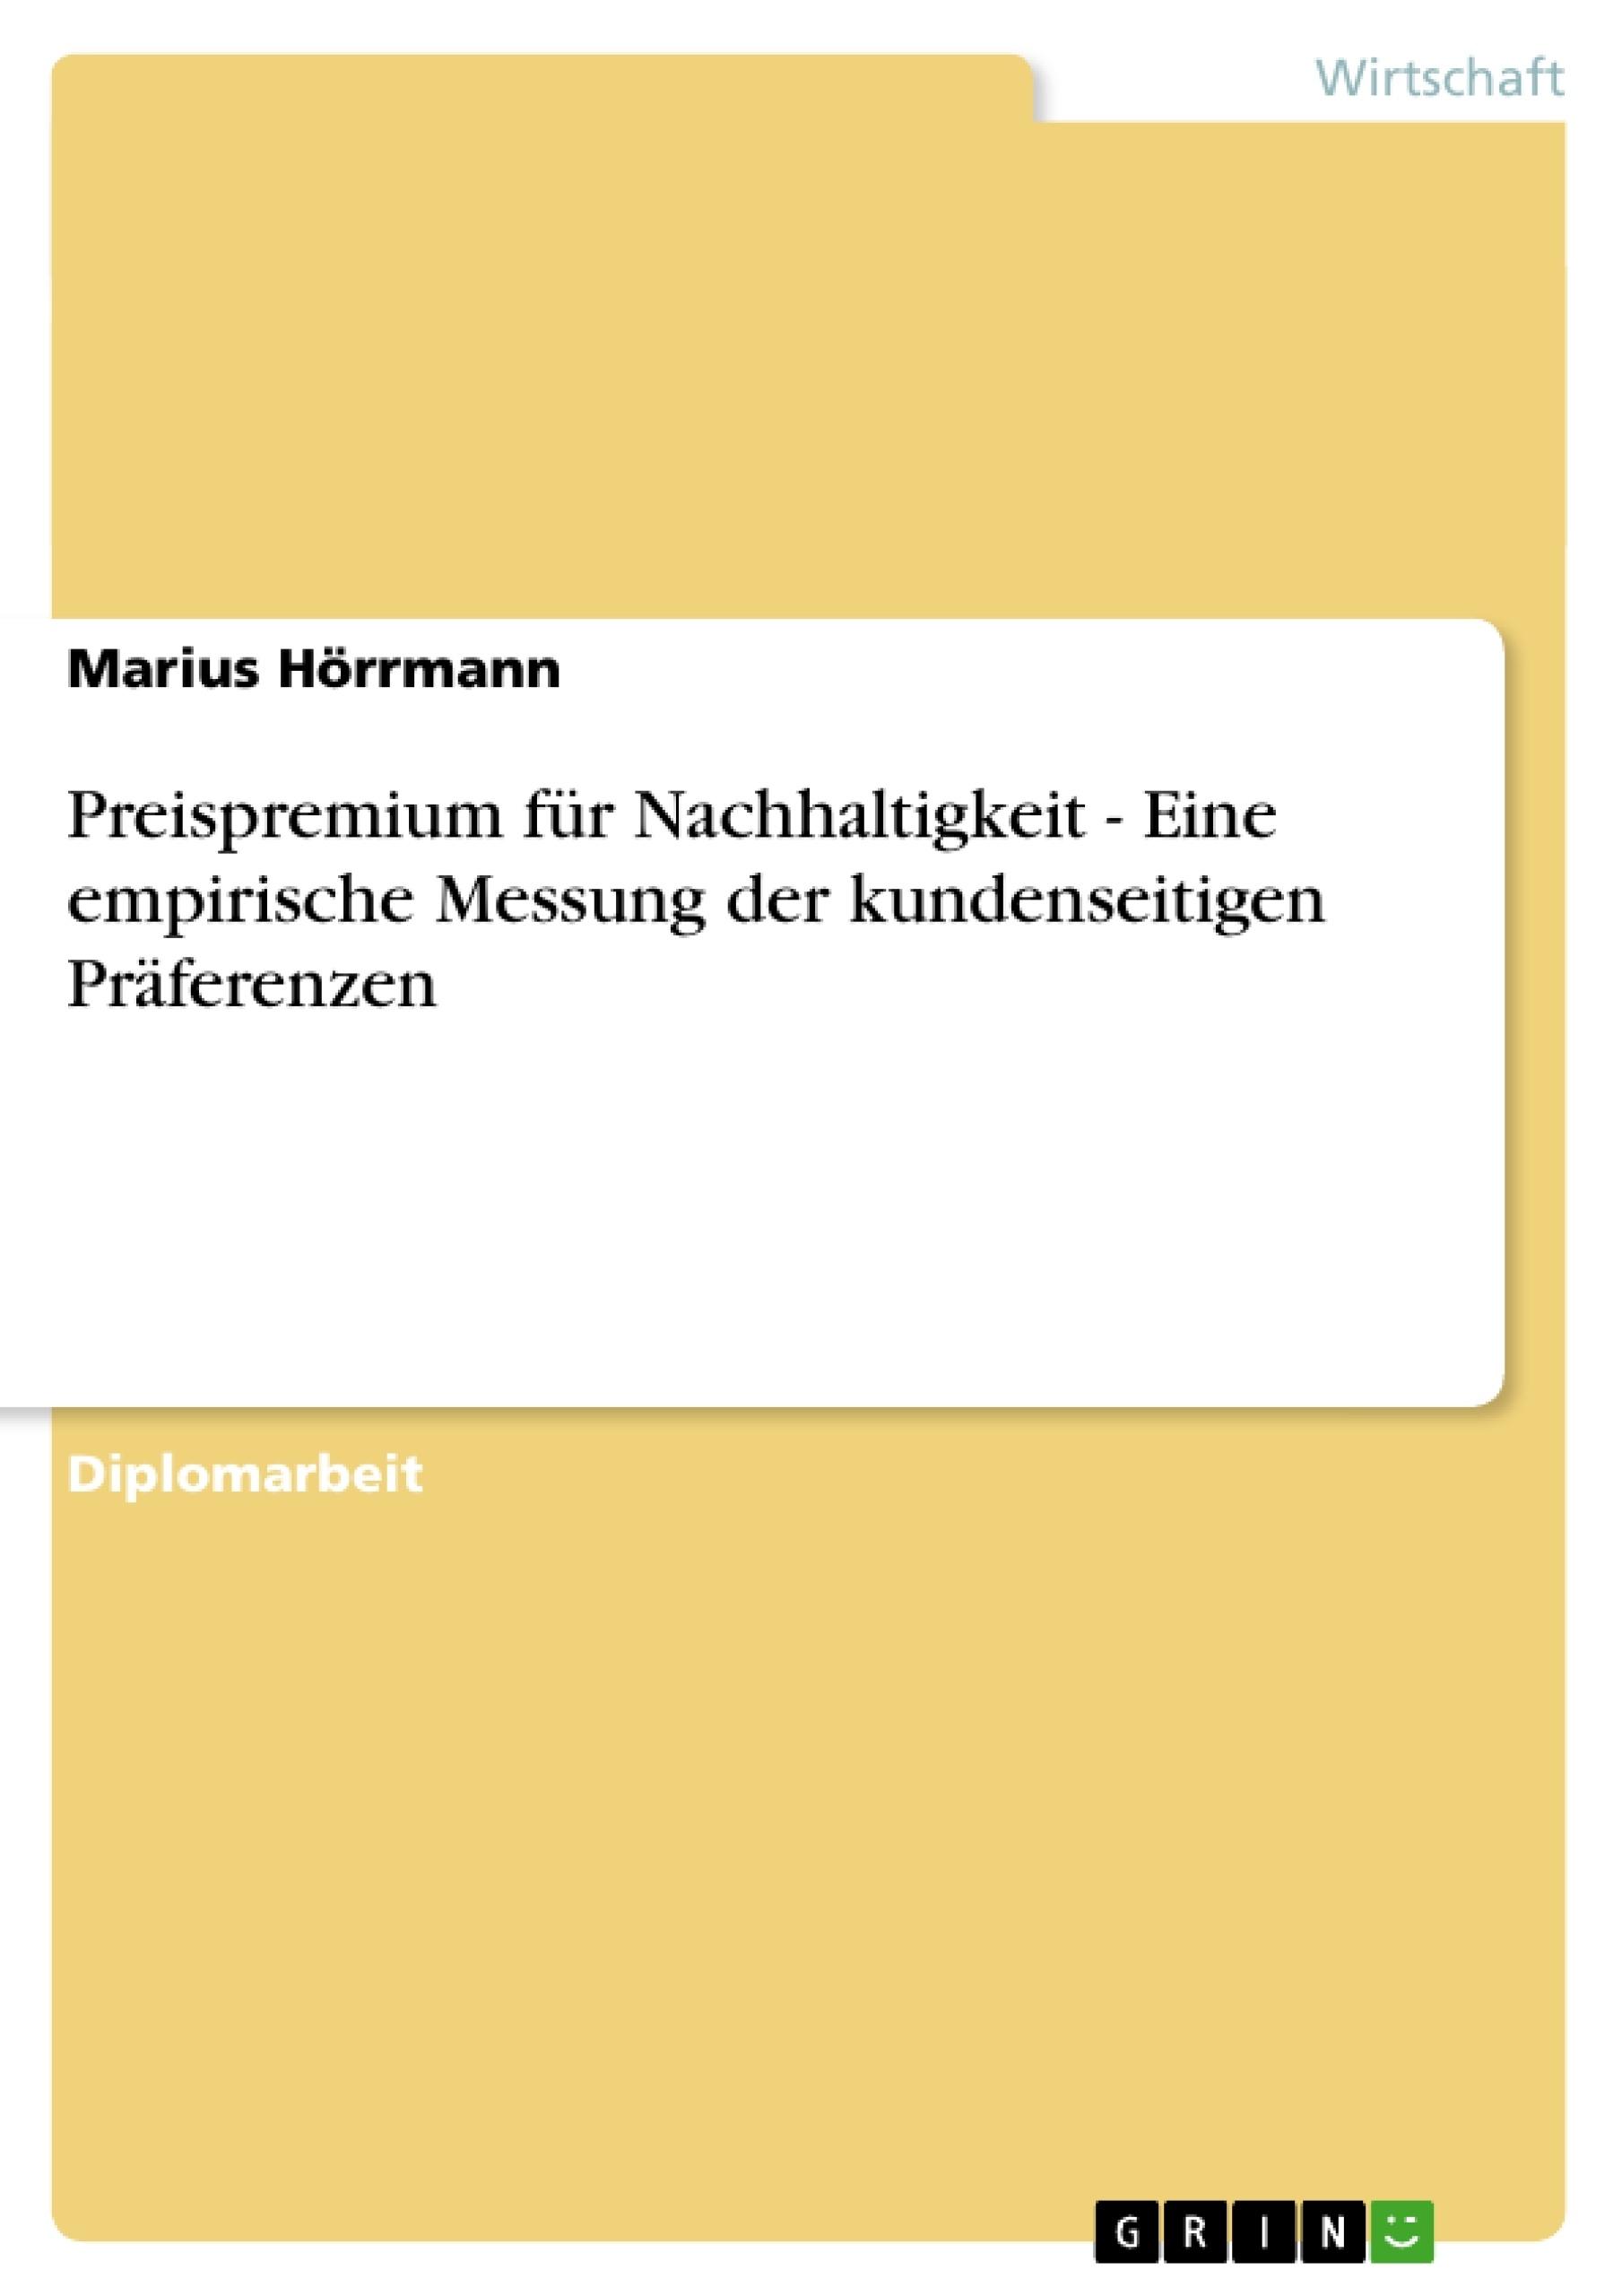 Titel: Preispremium für Nachhaltigkeit - Eine empirische Messung der kundenseitigen Präferenzen